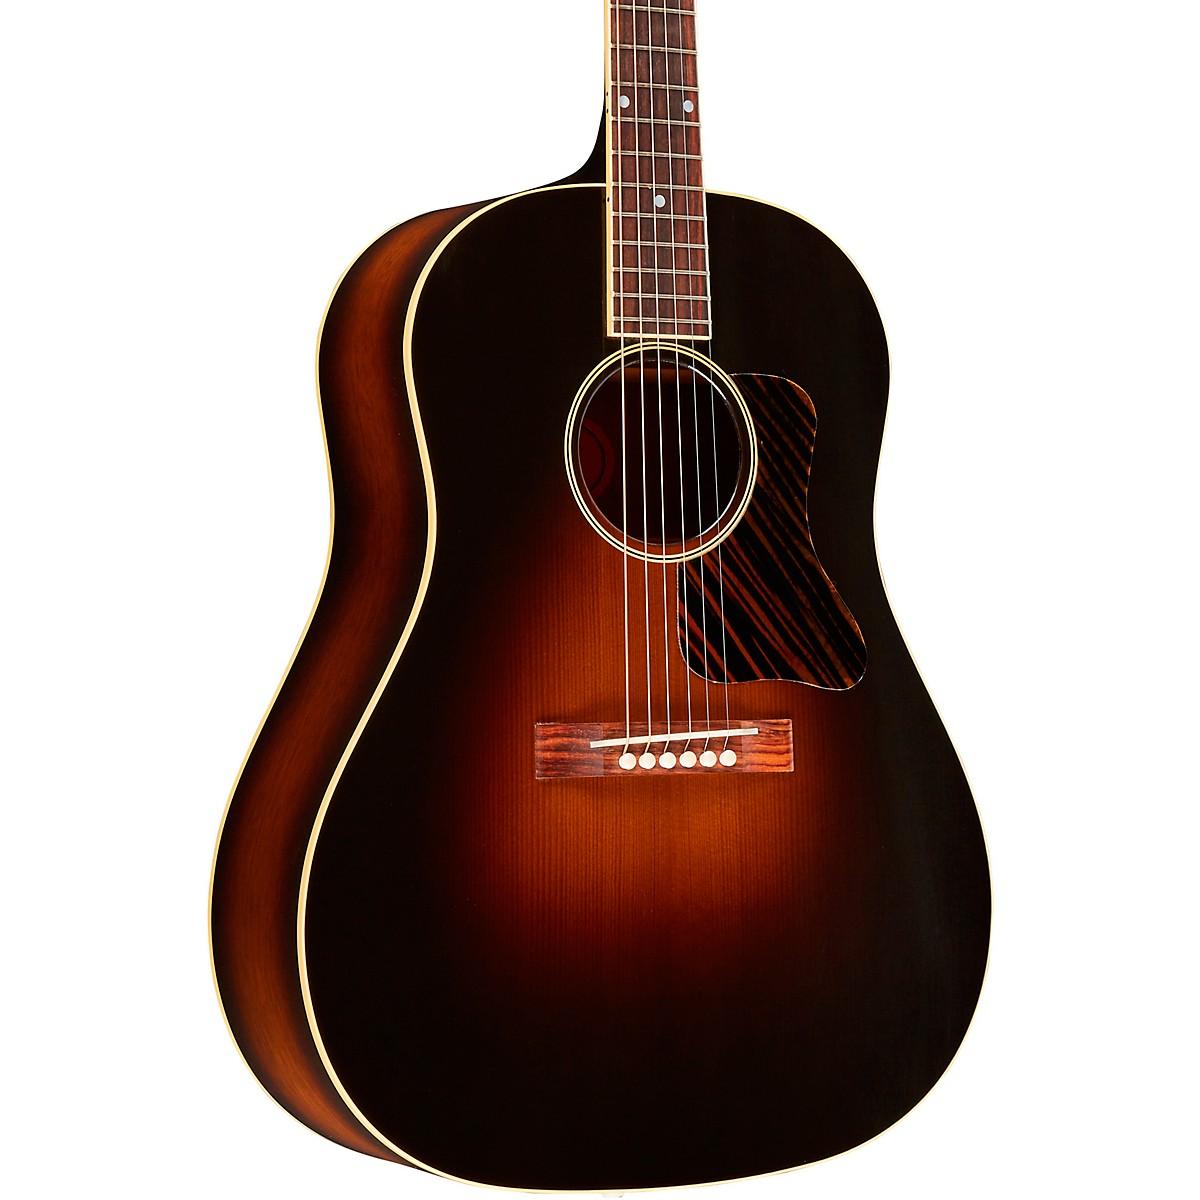 Gibson 1934 Jumbo Acoustic Guitar